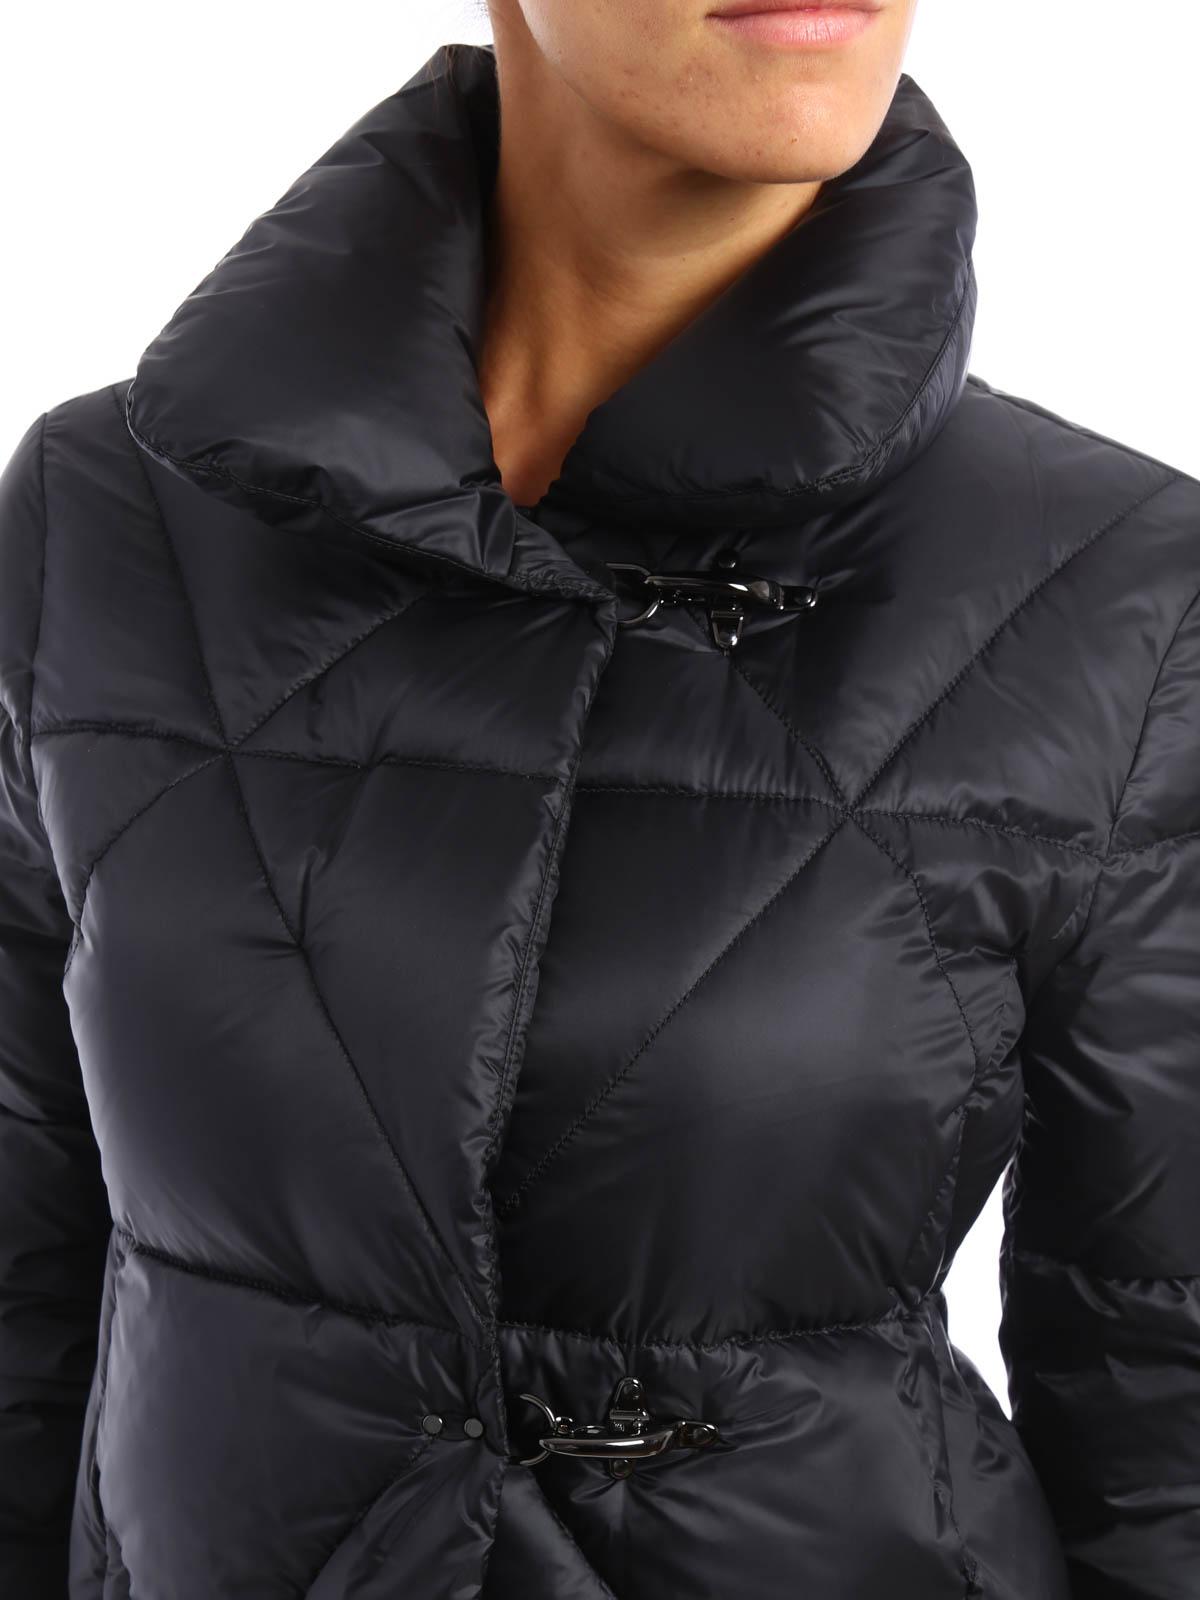 newest collection 97029 6b7d1 Fay - Piumino corto trapuntato - giacche imbottite ...